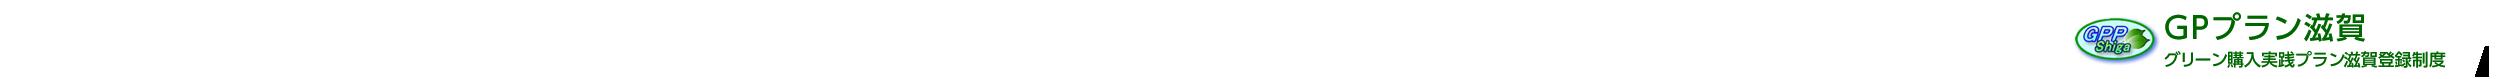 GPプラン滋賀(グリーン購入実践プラン滋賀登録制度)